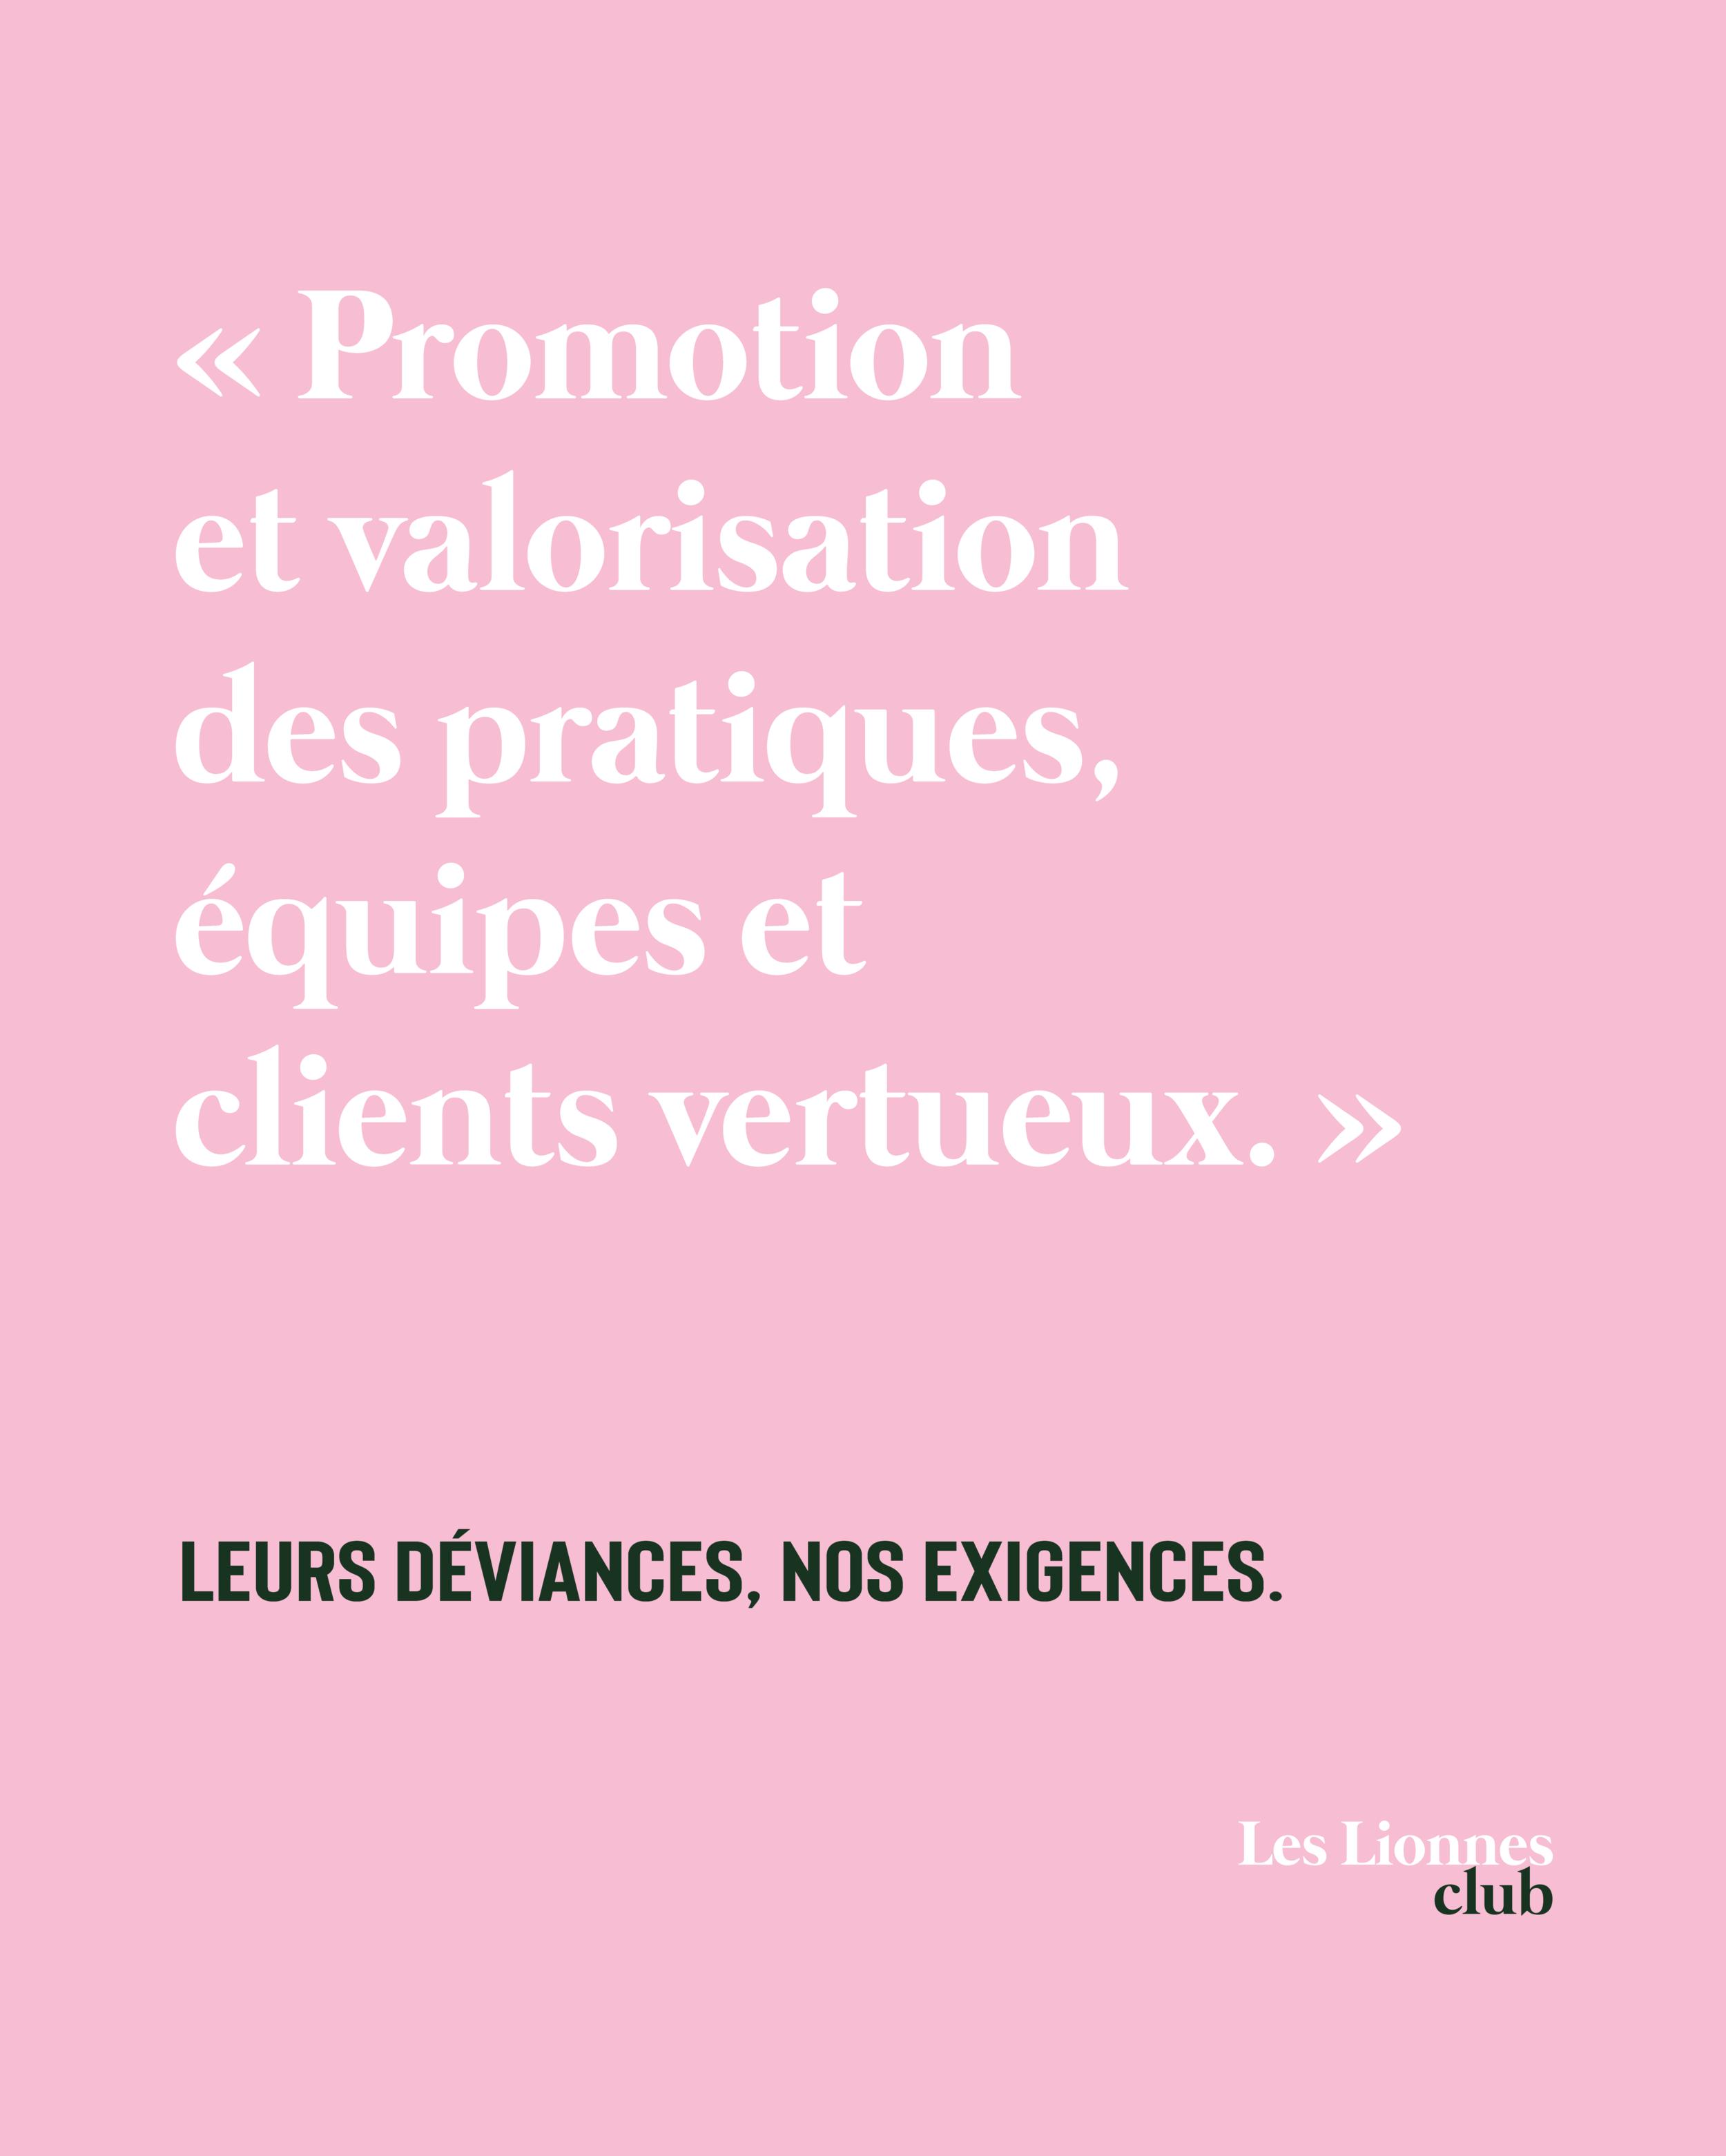 Promotion_fr INSTA.png